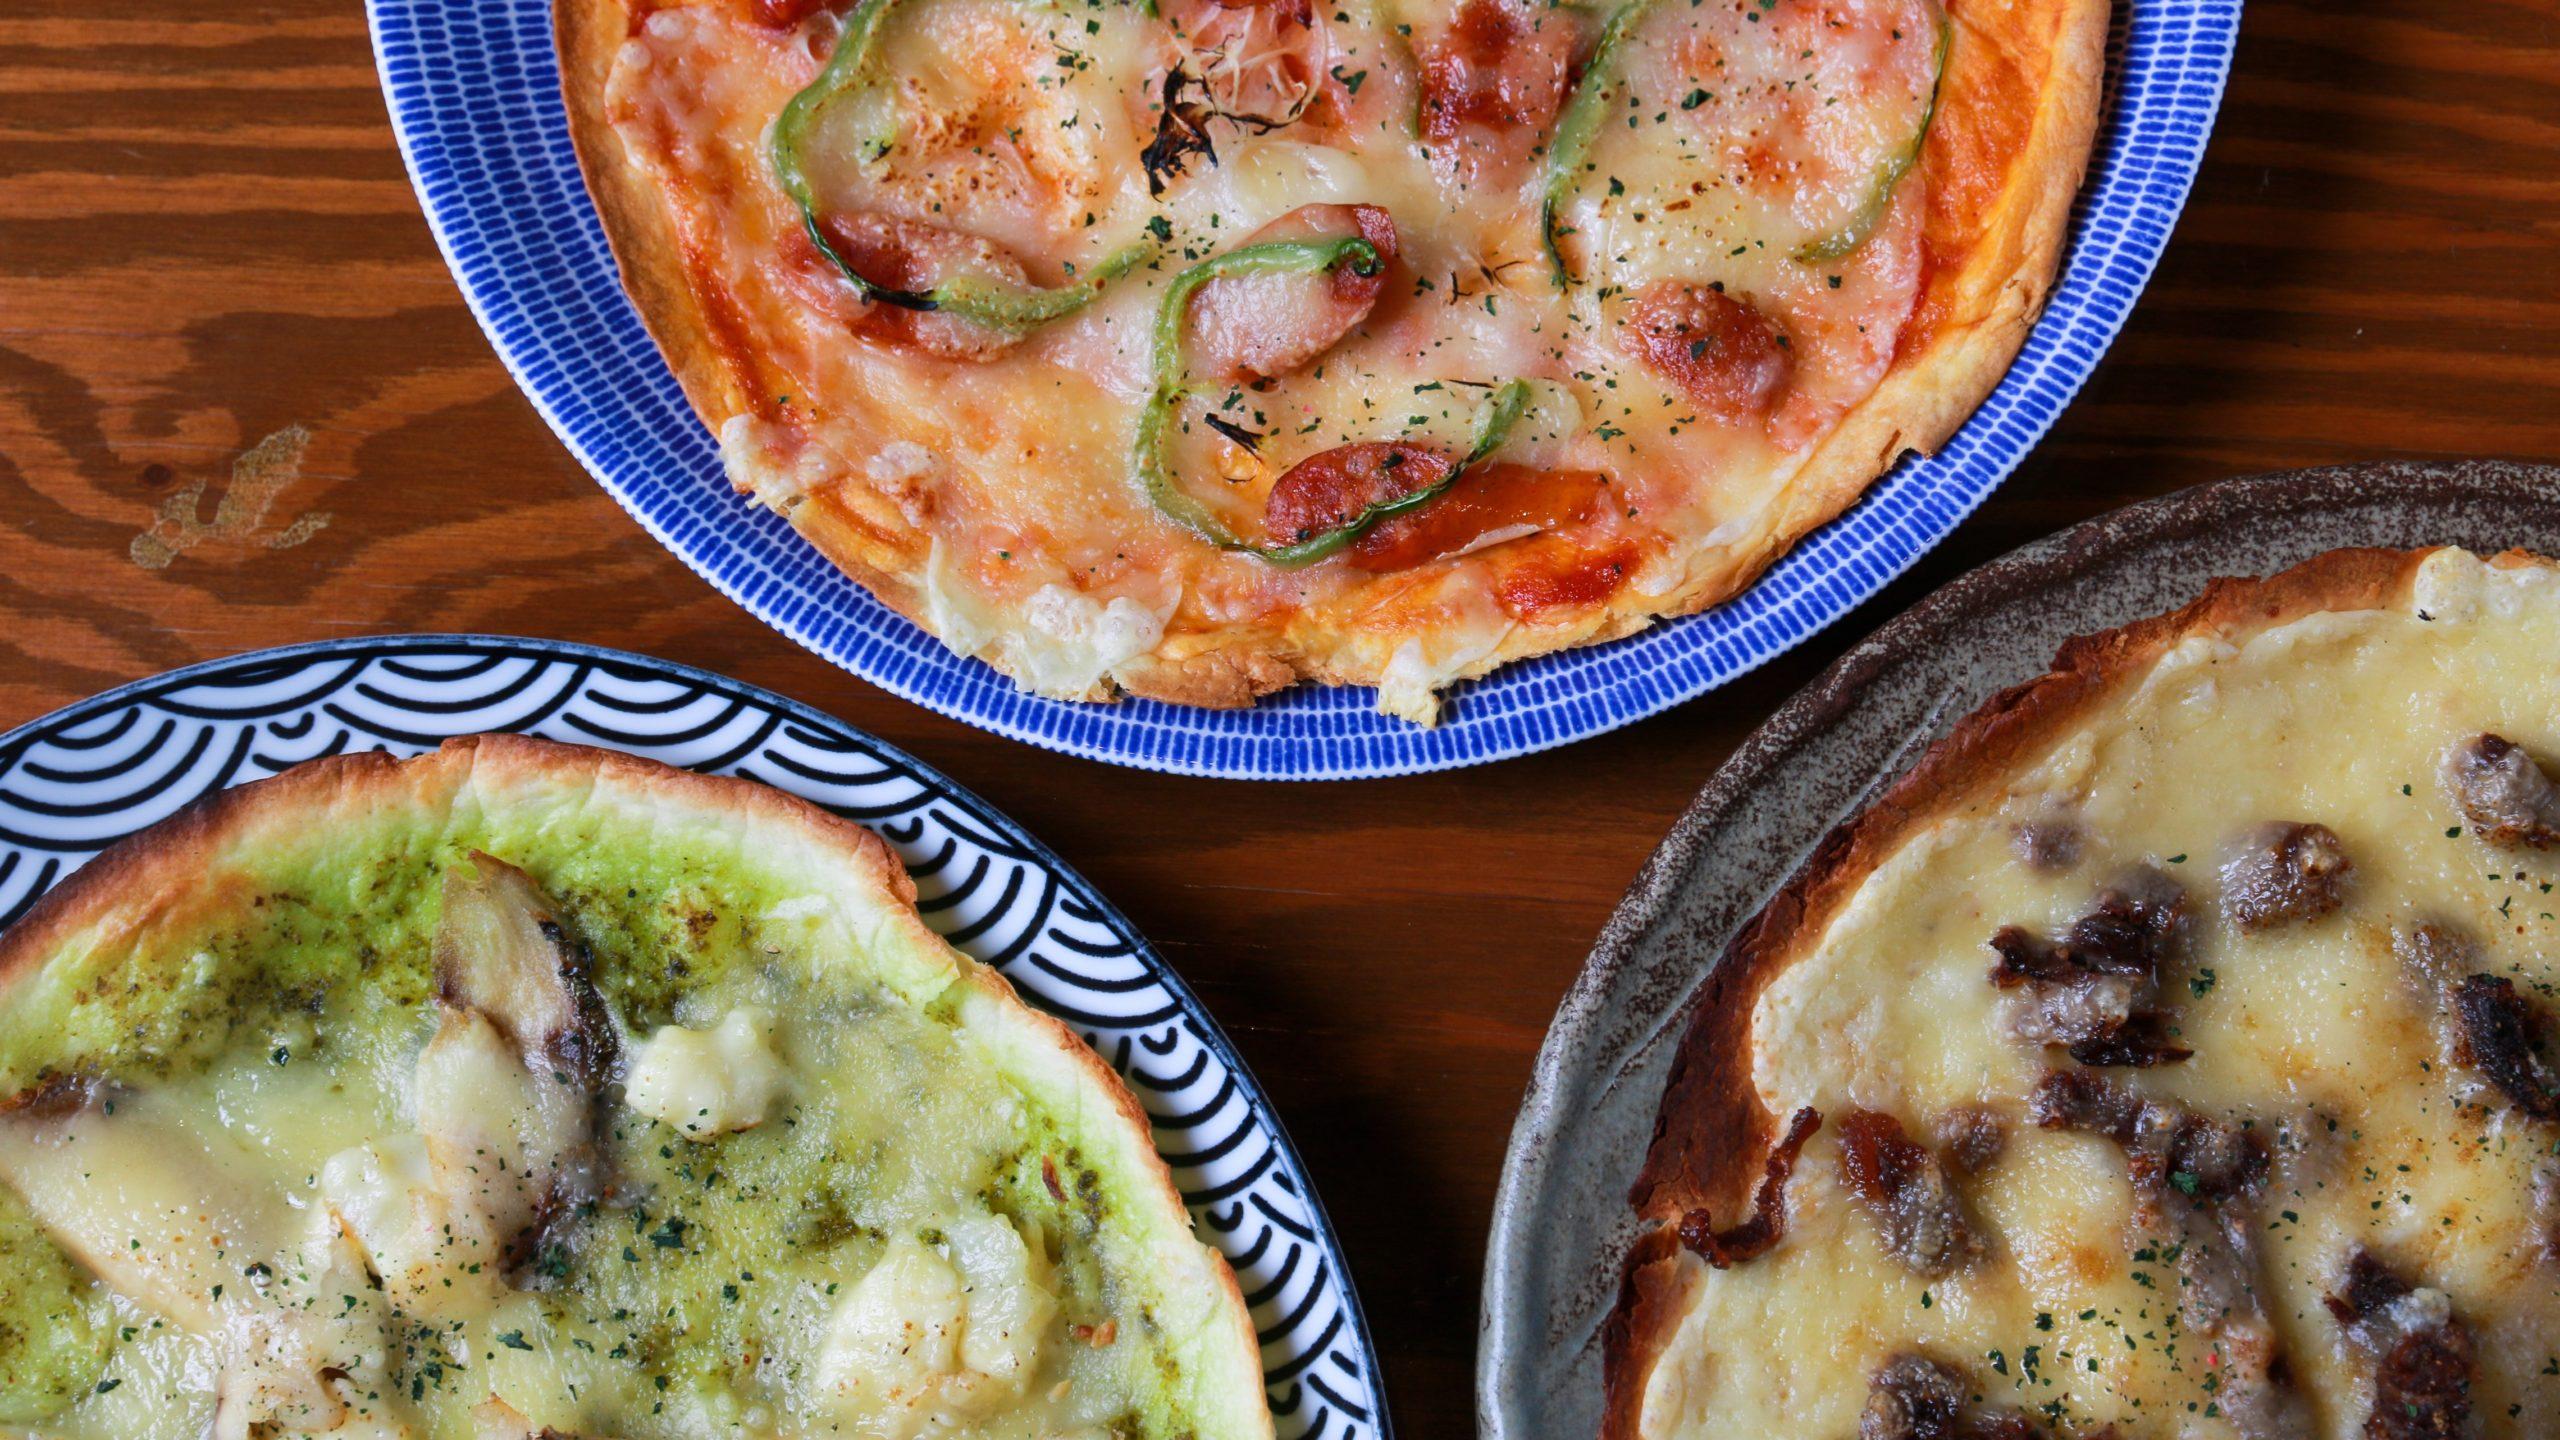 当店ならではの創作おつまみクリスピーピザ!上から喫茶店のピザ、左下が〆鯖とジェノベーゼ、右下がジンギスカンとクミン、